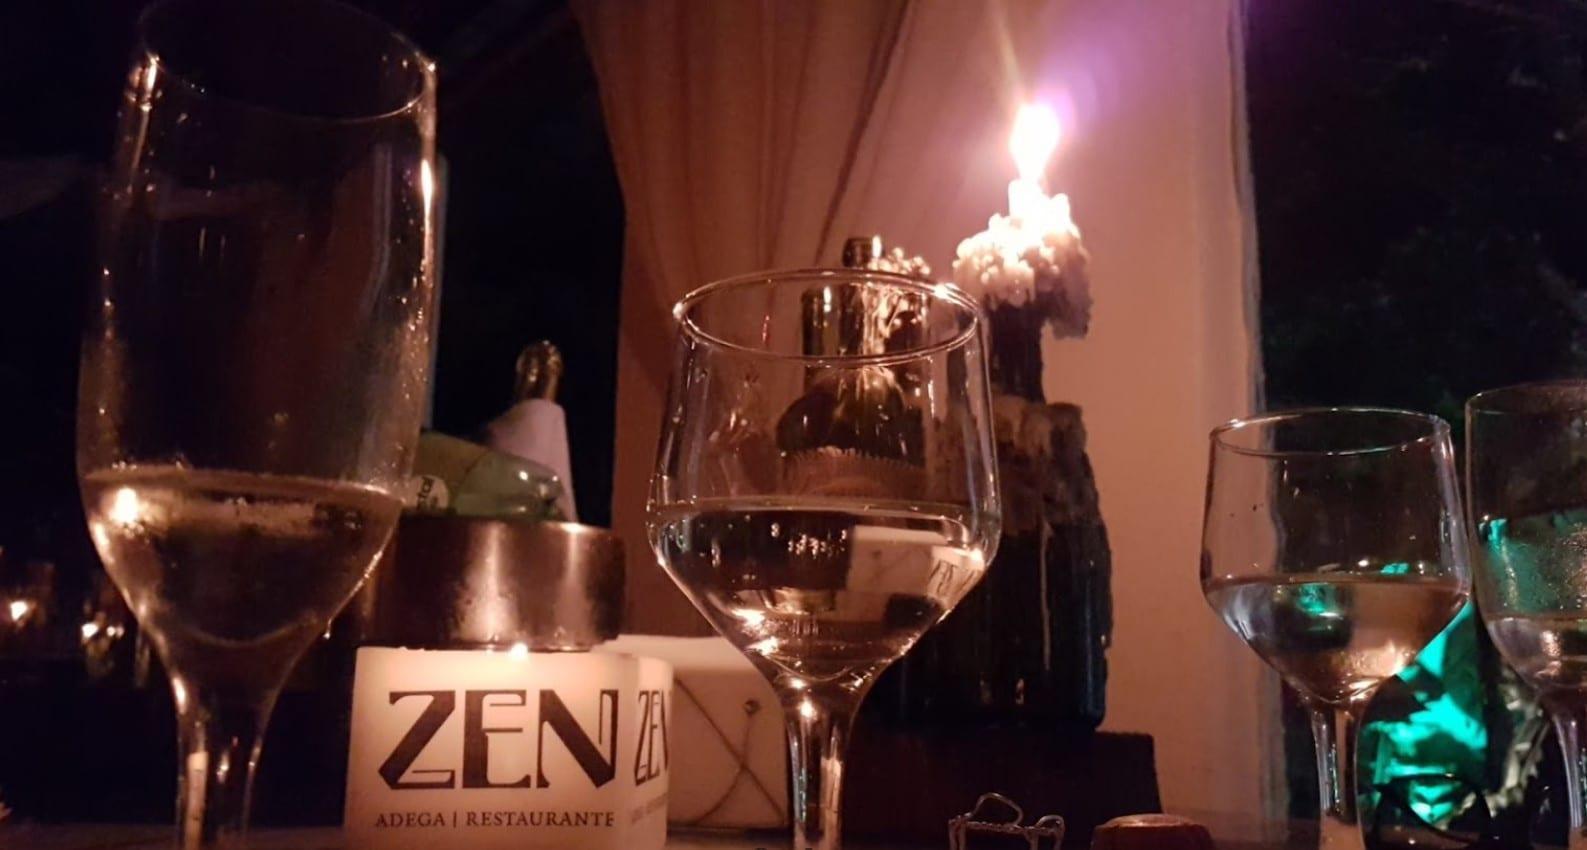 lugares para encontrar um bom vinho em Goiânia